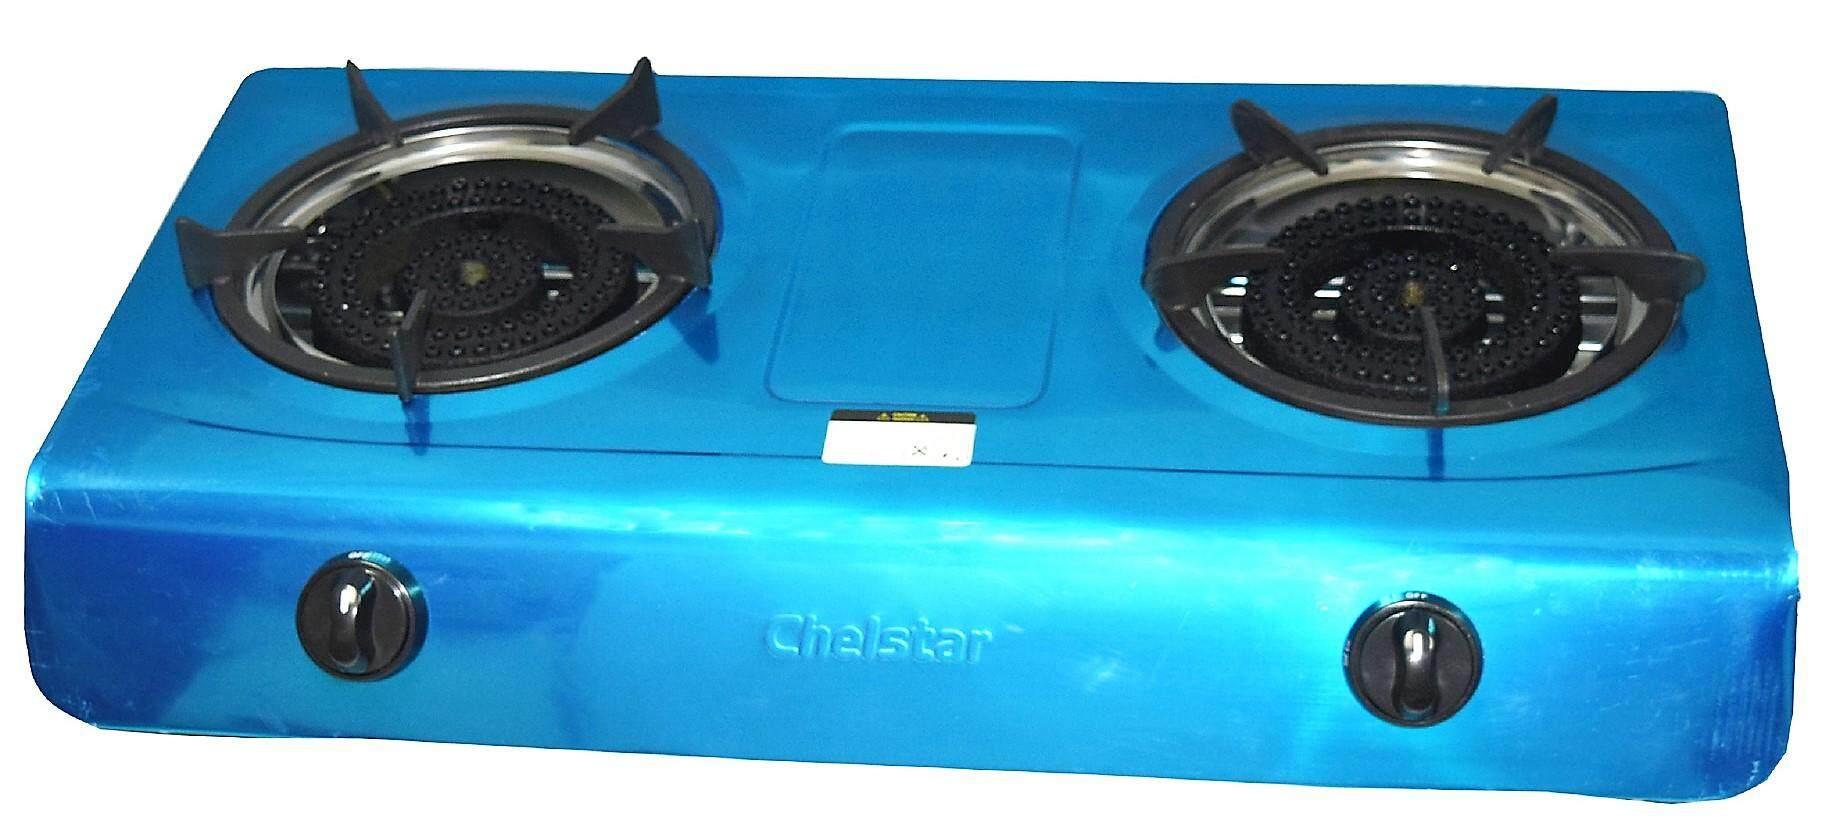 Chelstar S/S Double Burner Gas Cooker / Stove (K-150)